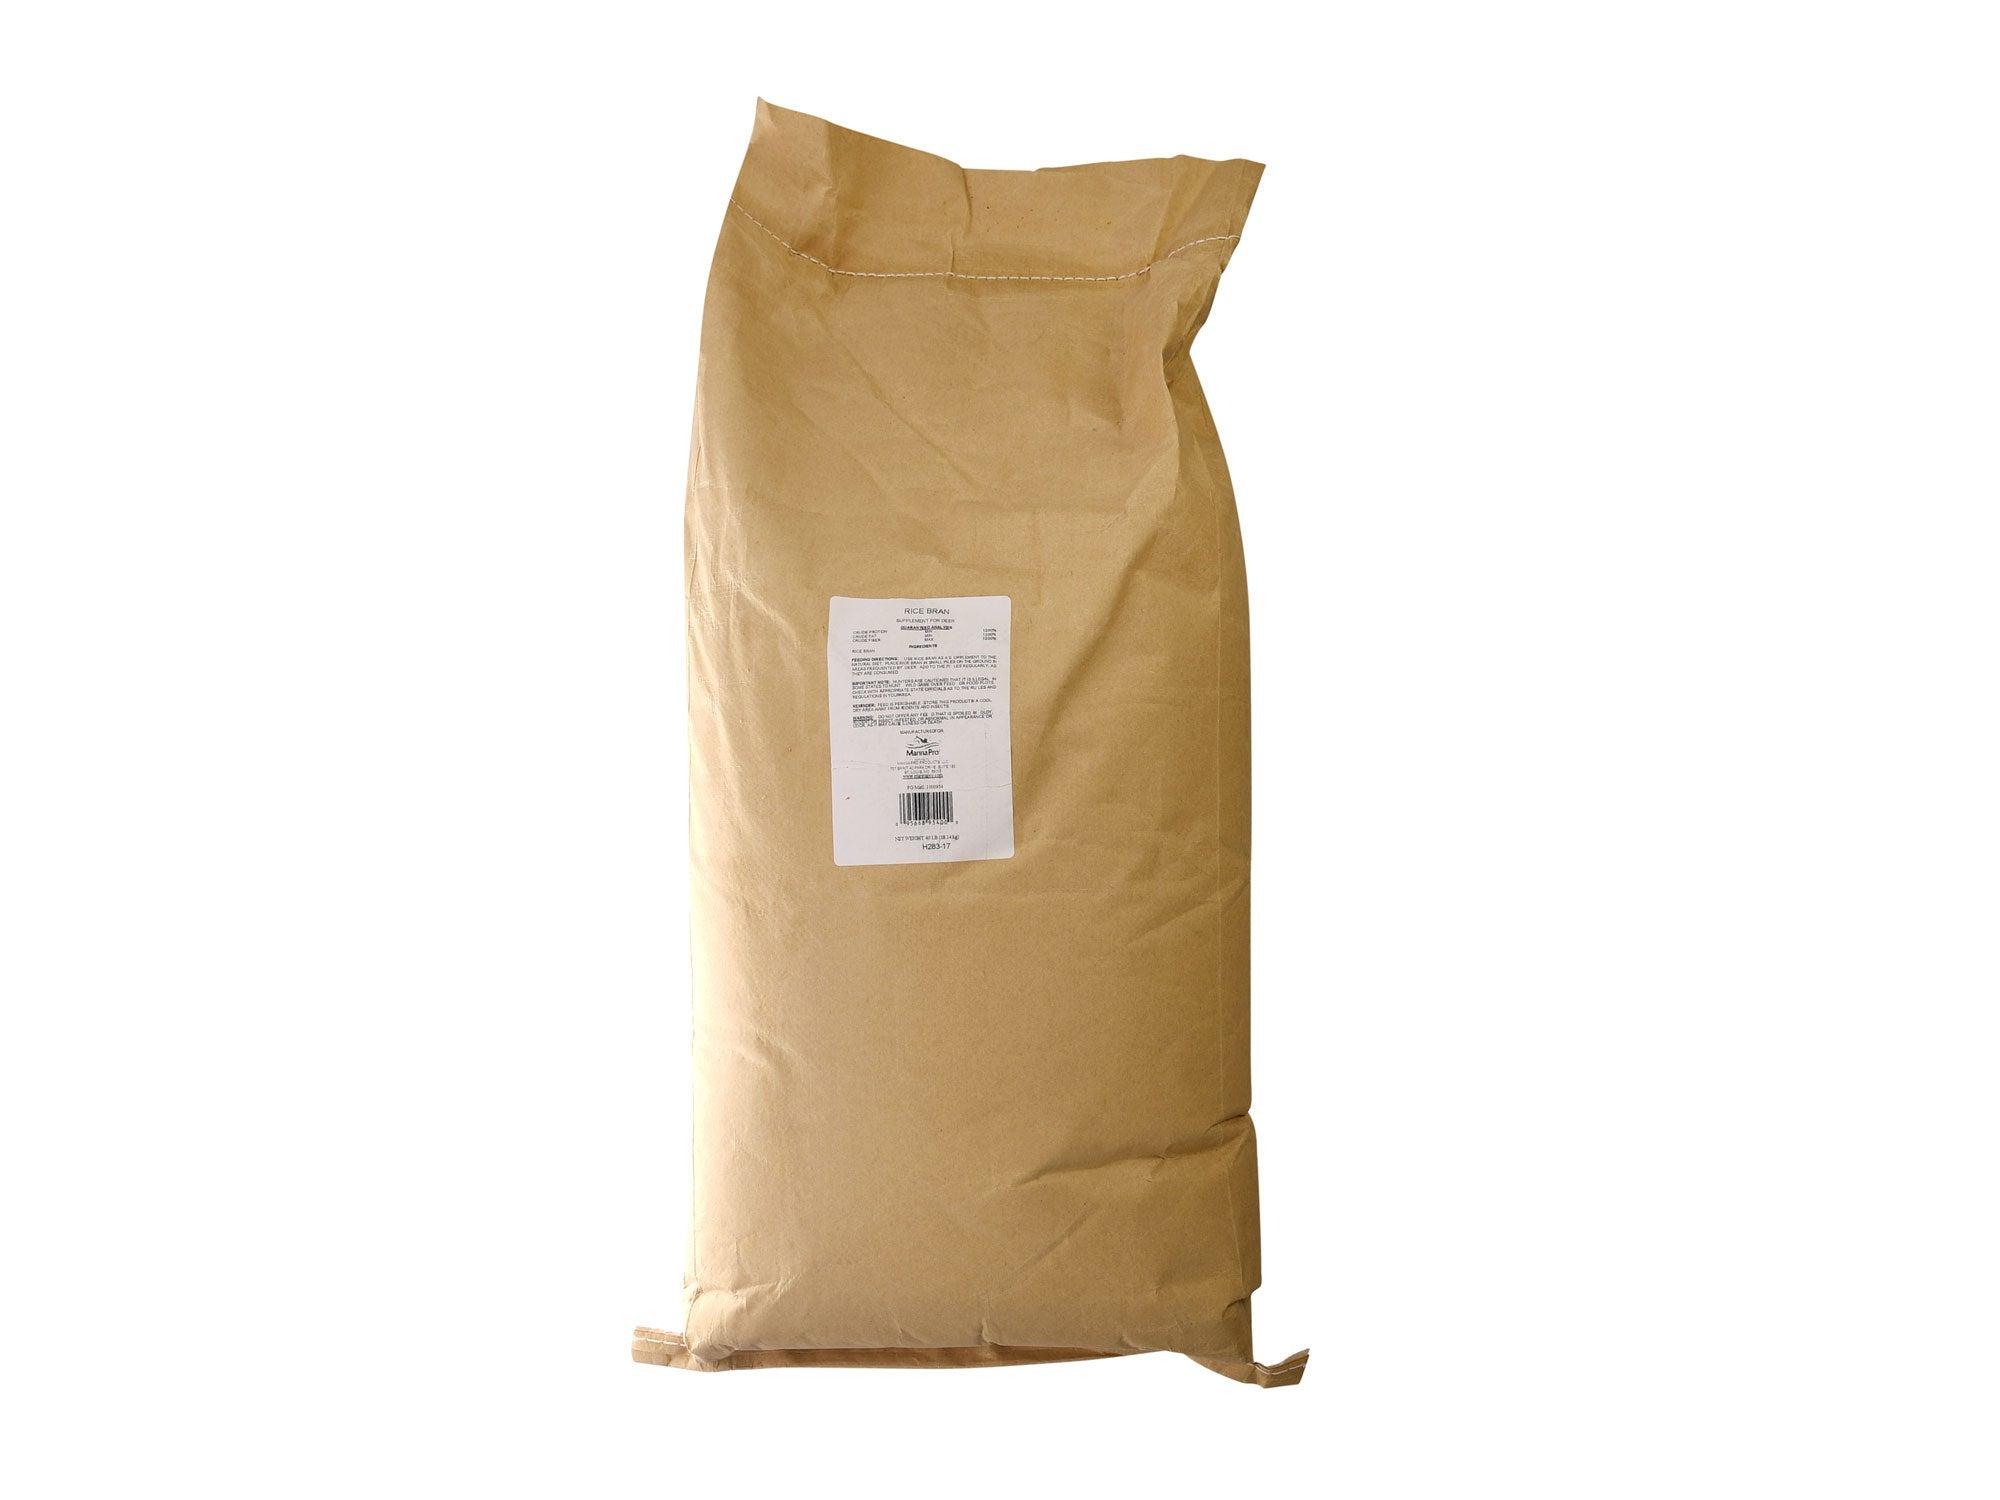 Rice bran deer supplement